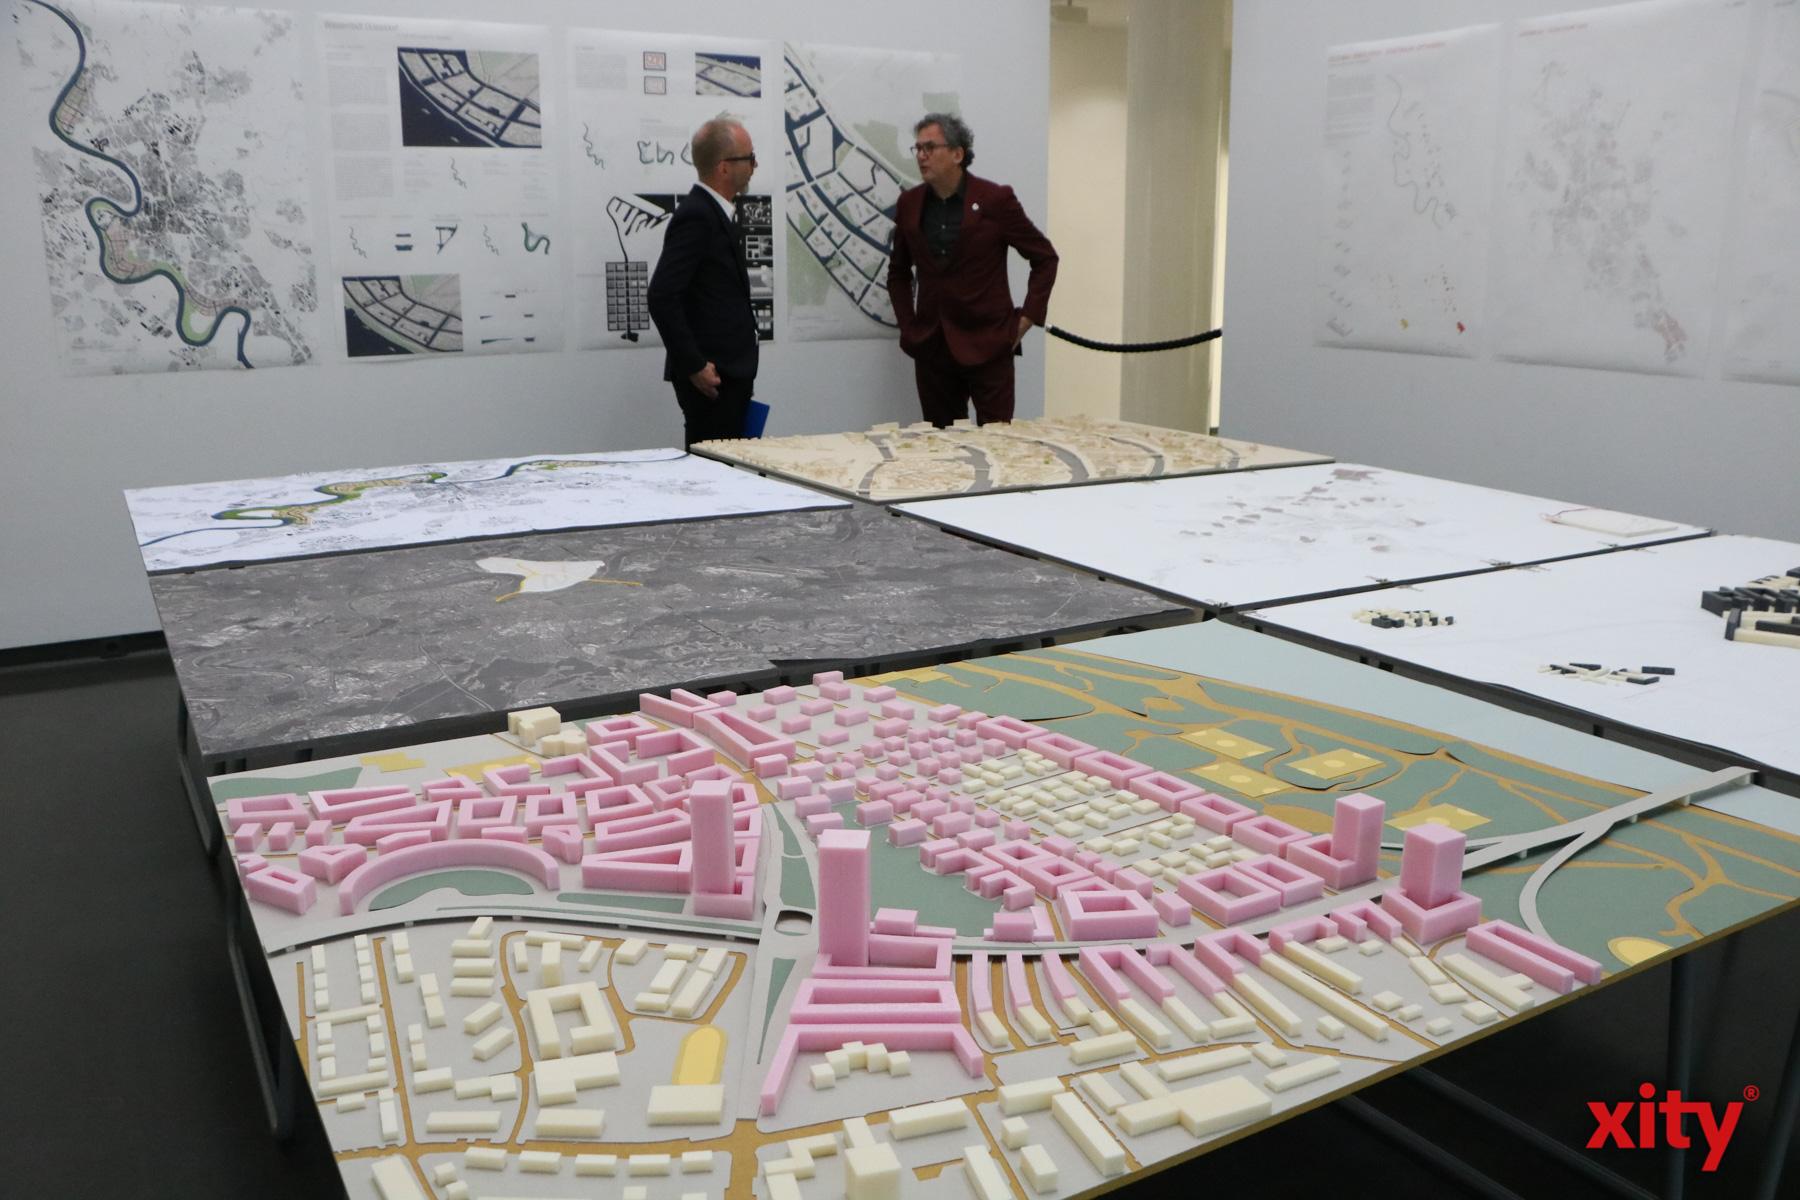 In der Schau soll gezeigt werden, wie Architektur heute gut und bezahlbar entstehen könnte. (Foto: xity)